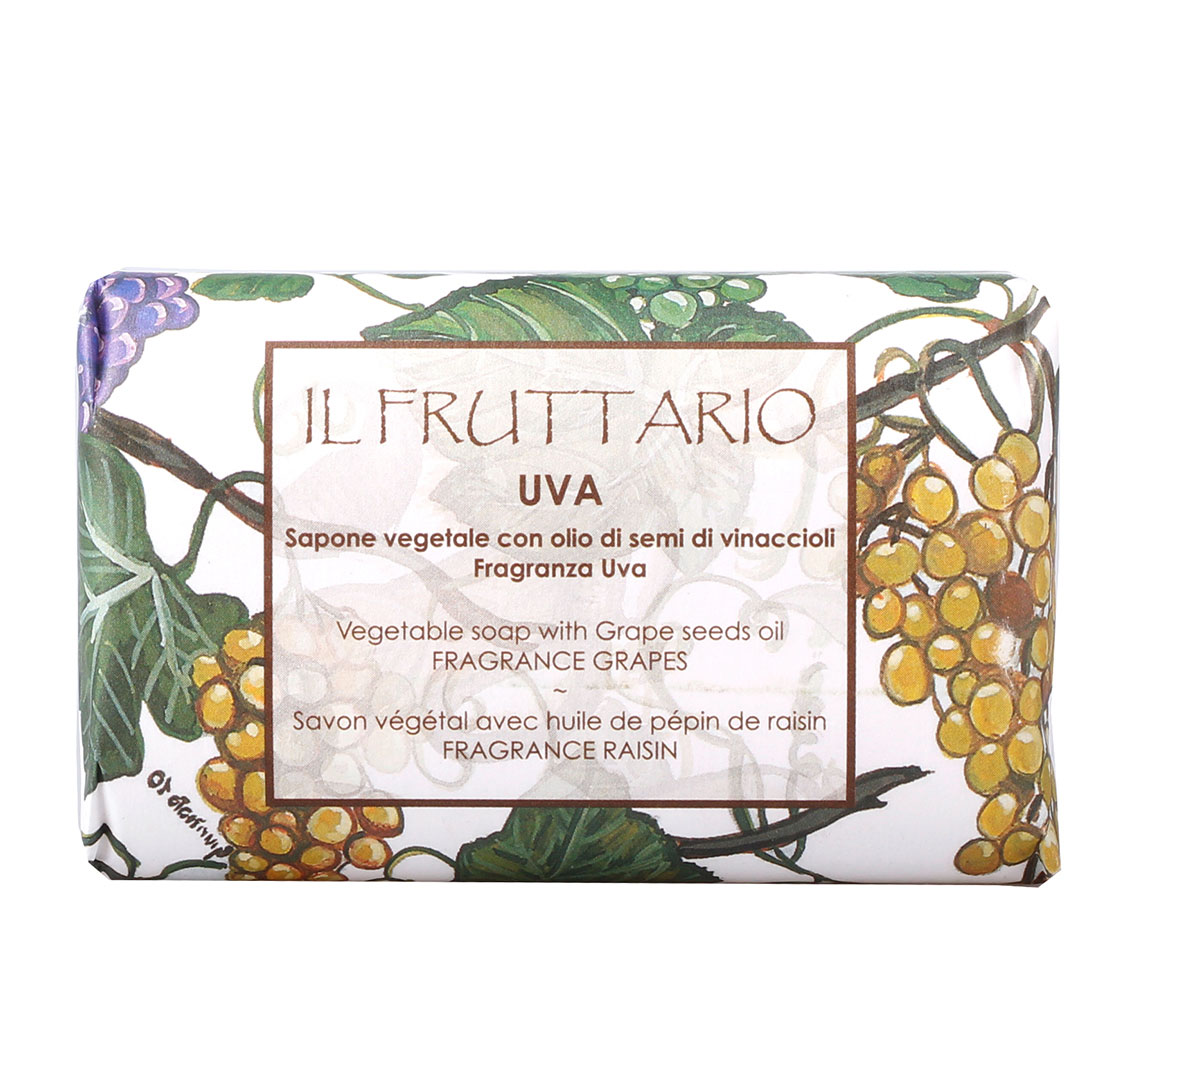 Мыло натуральное с ароматом виноградаи экстрактом виноградных косточек, 150 гр, Iteritalia702Натуральное косметическое мыло ,изготовленное в соответствии с традициями мастеров Саронно. Обогащено маслом виноградных косточек,которое с древних времен считается антиоксидантом и борется против старения кожи. Для всех типов кожи, в том числе для сухой.